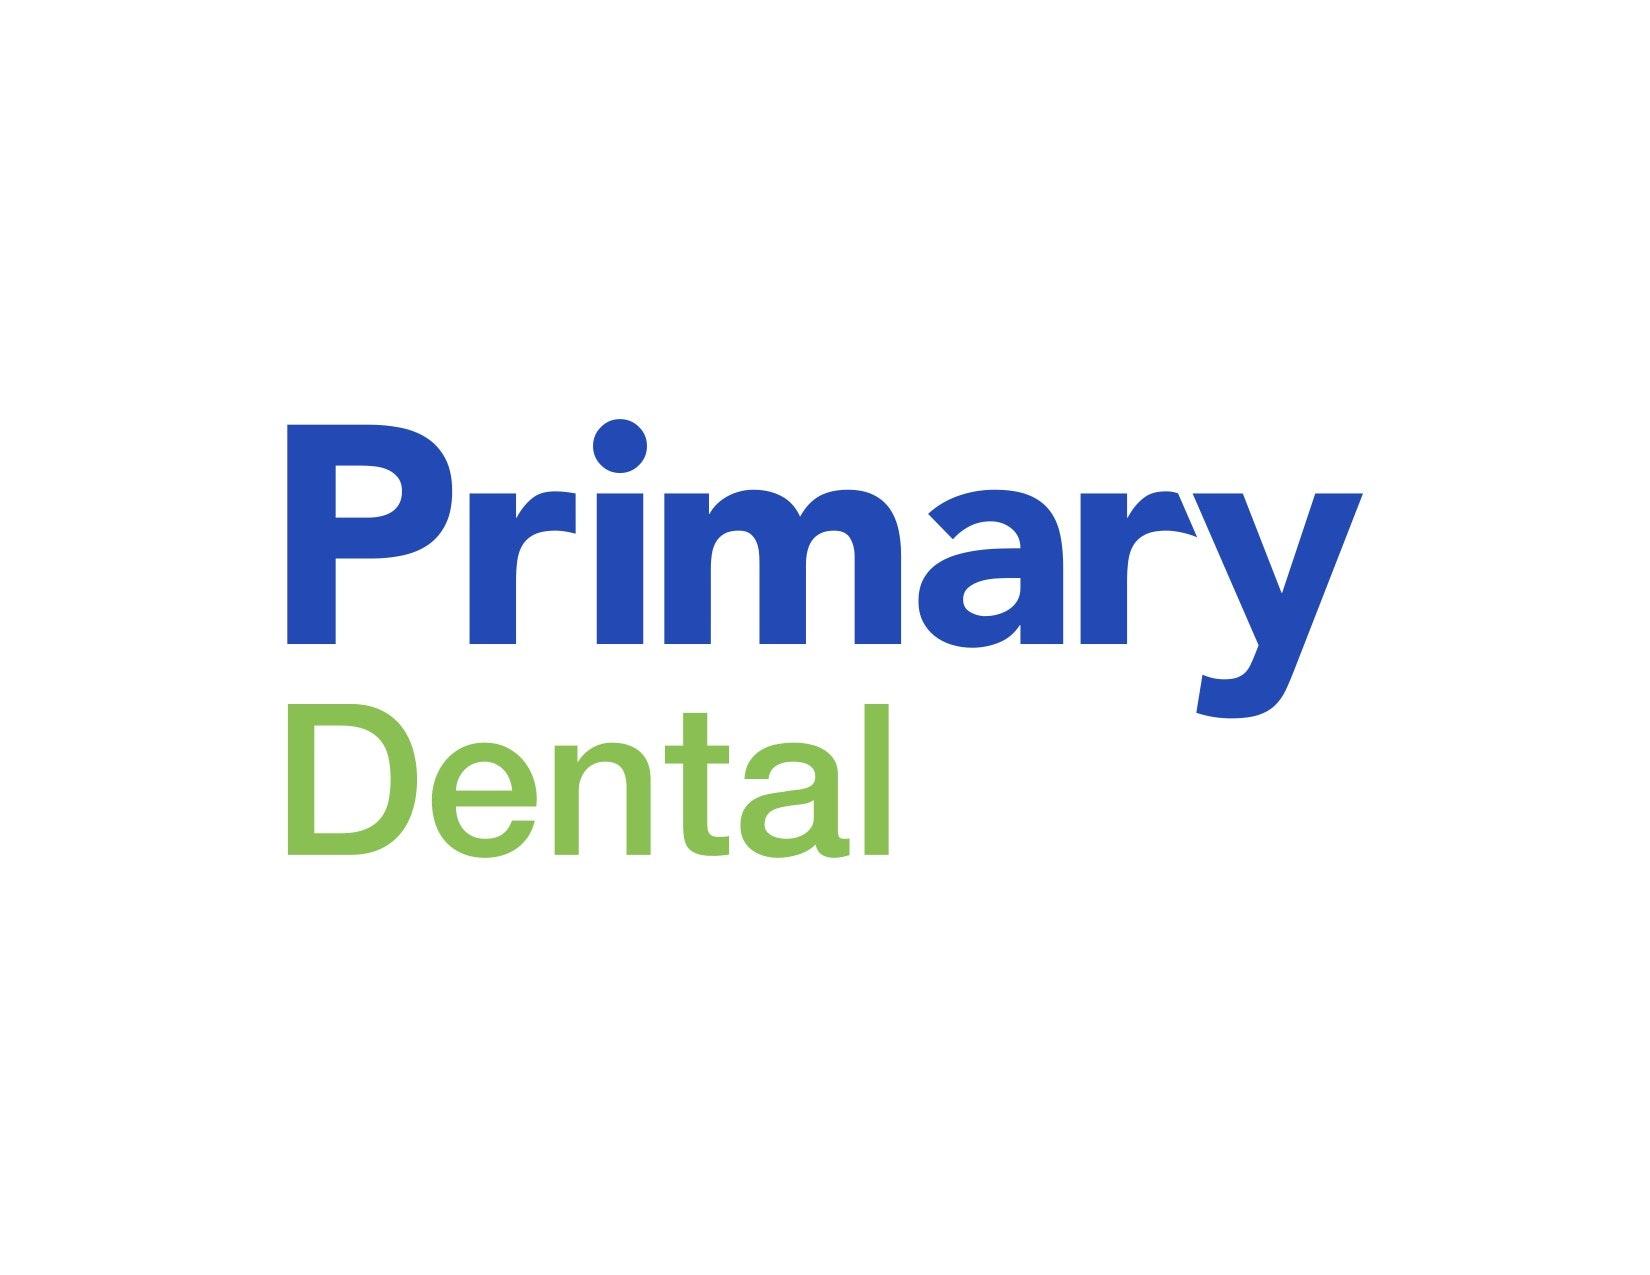 Rudloc Road Medical & Dental Centre Morley (Primary Dental)